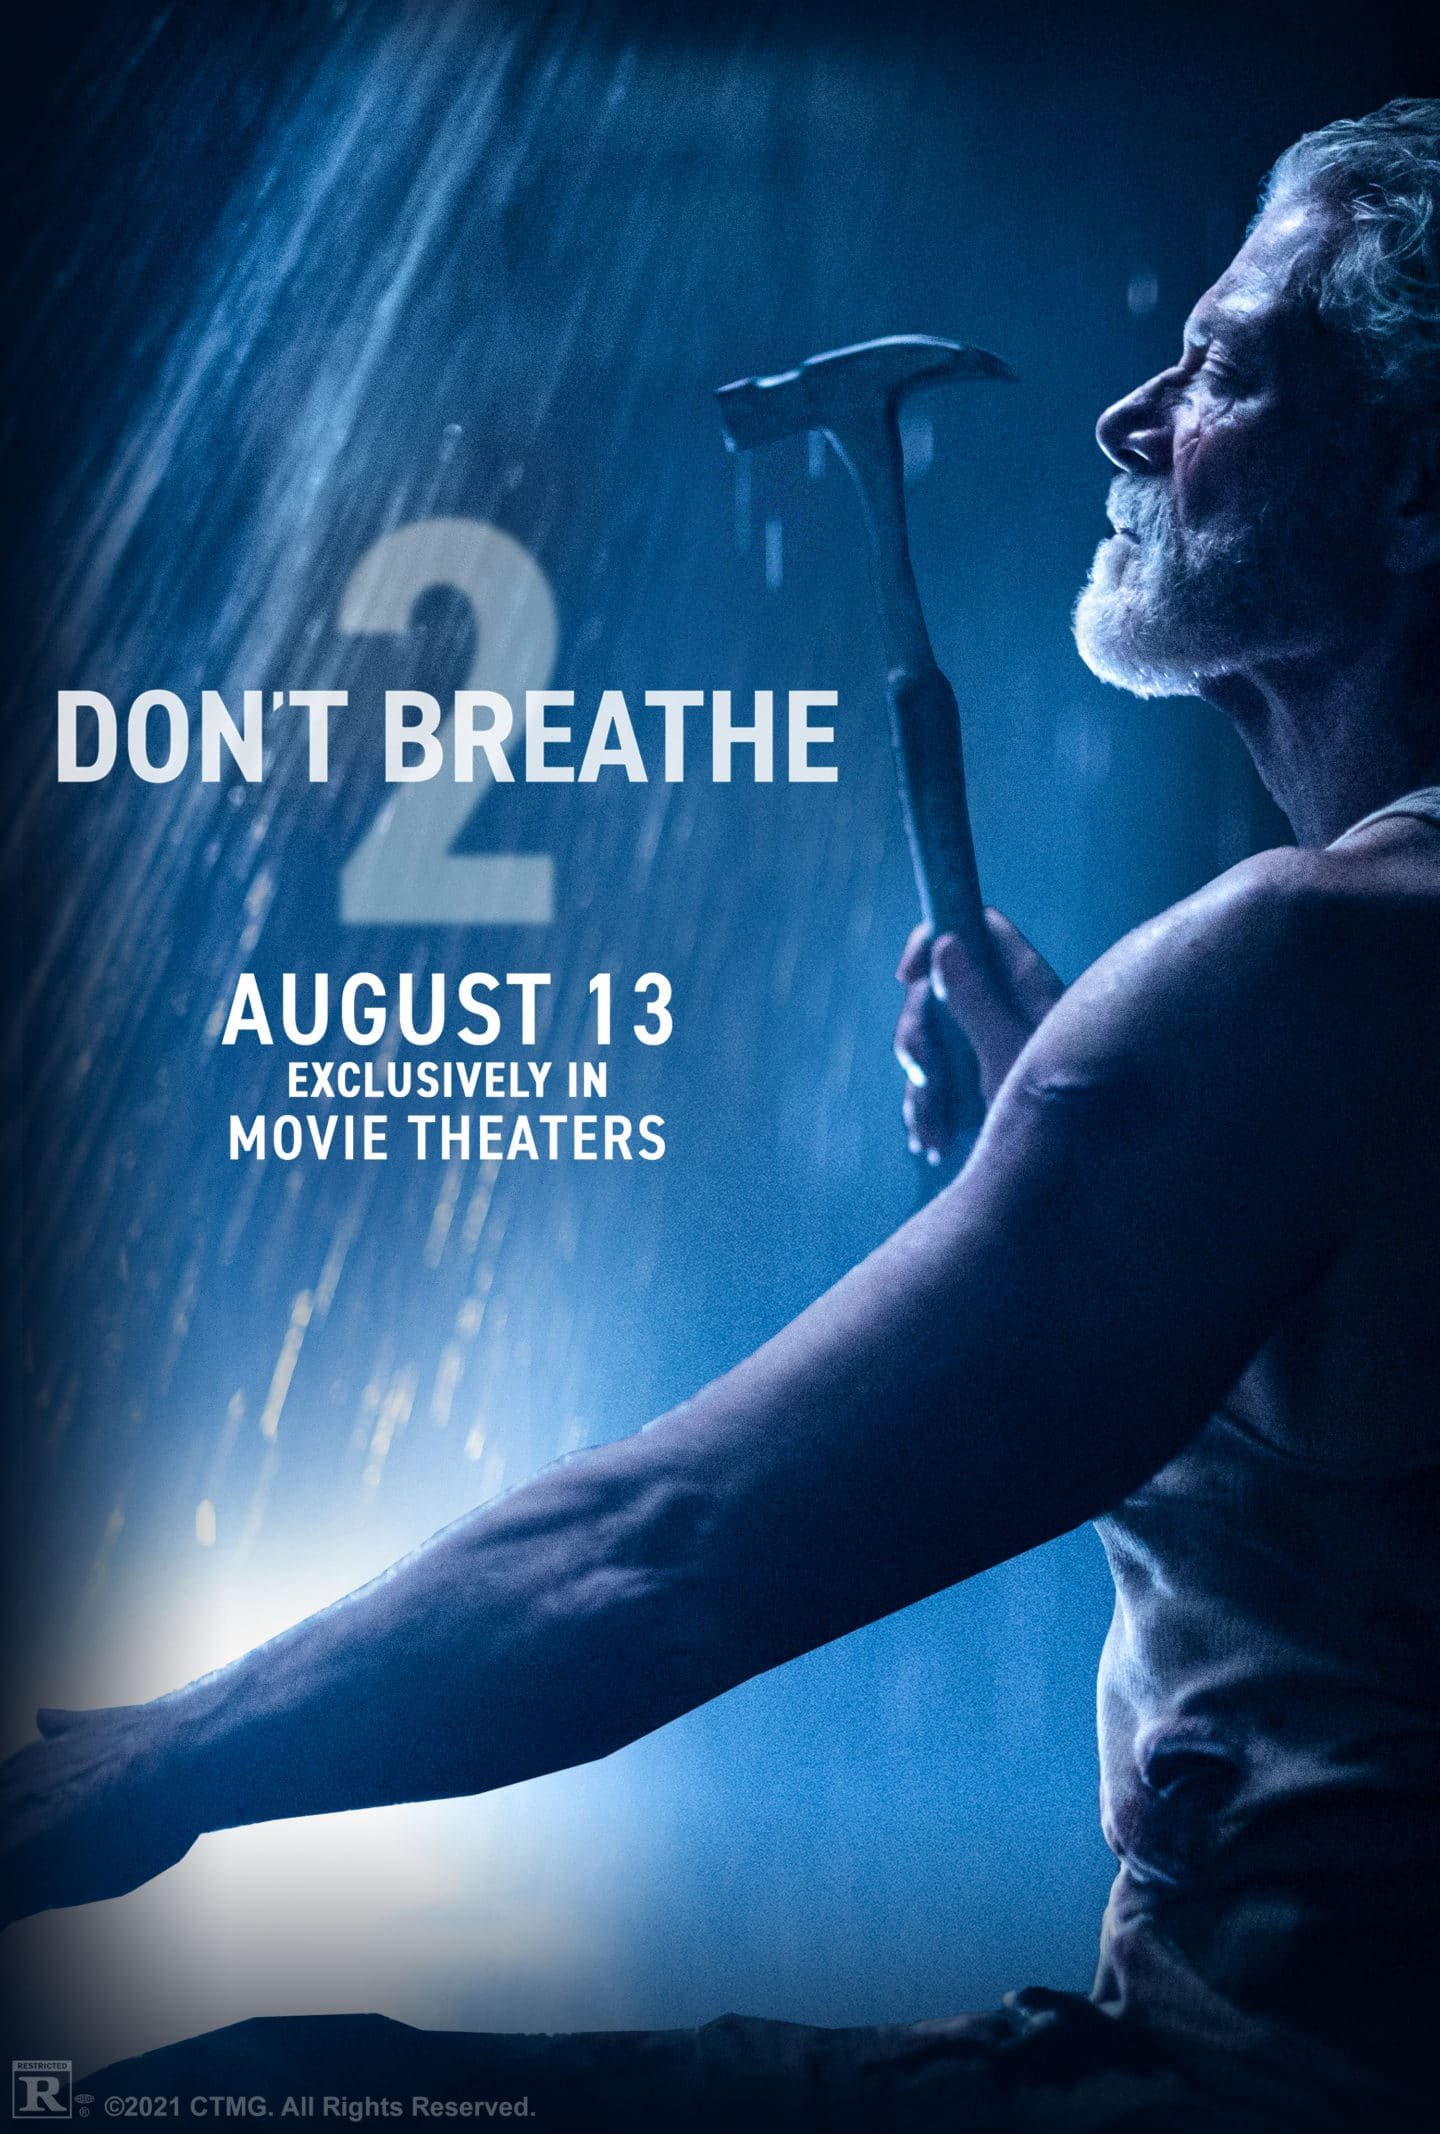 Don't Breathe 2 – Teaser Poster